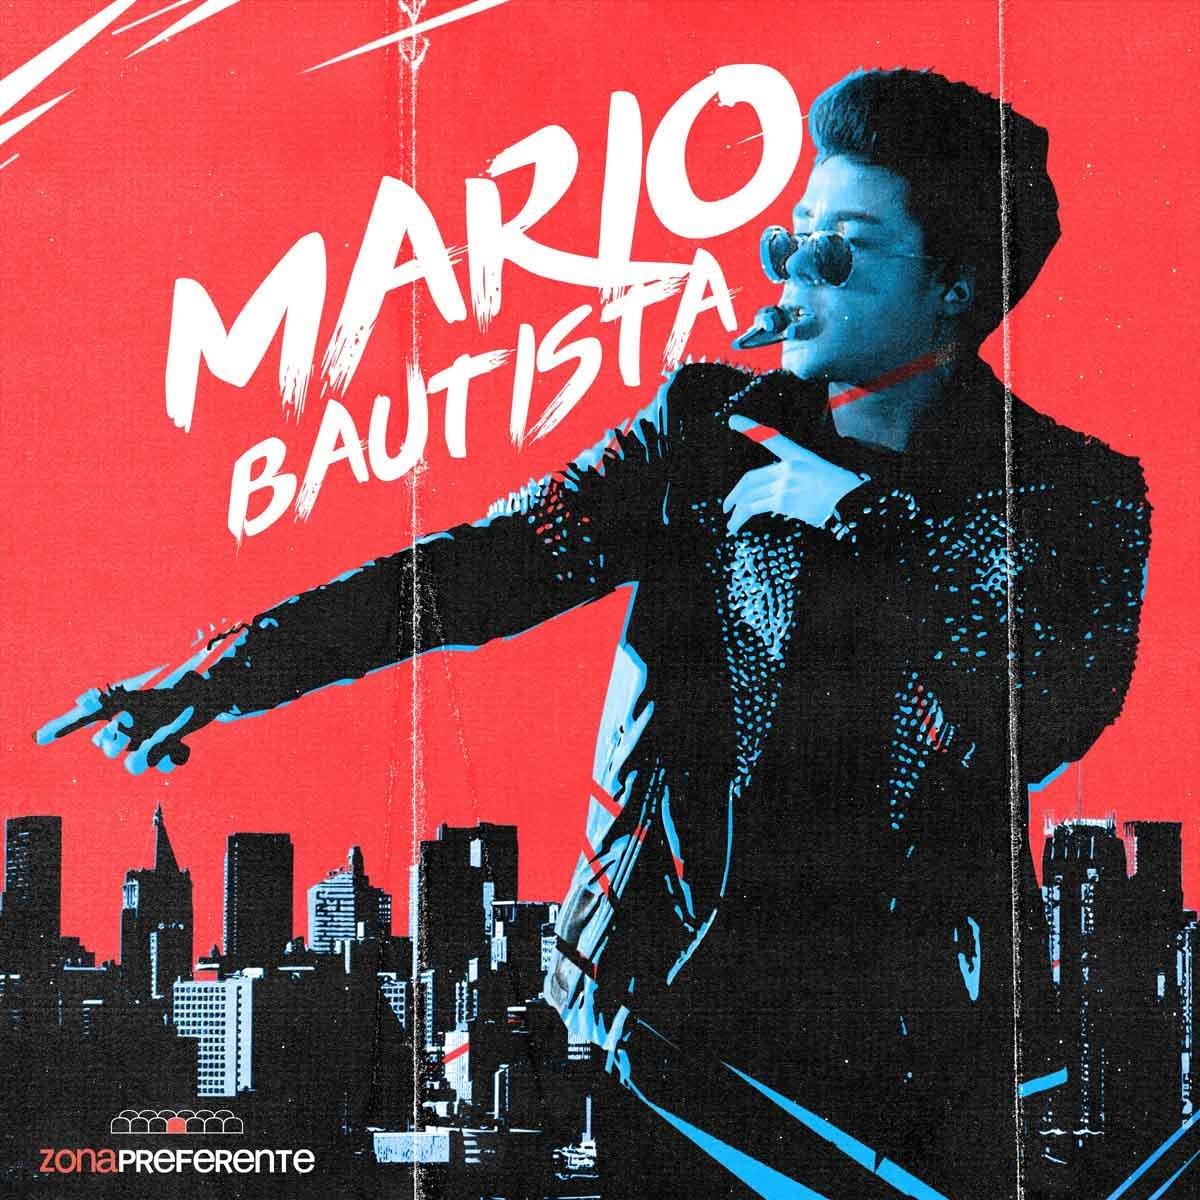 Mario Bautista Zona Preferente Sears Com Mx Me Entiende  # Muebles Bautista